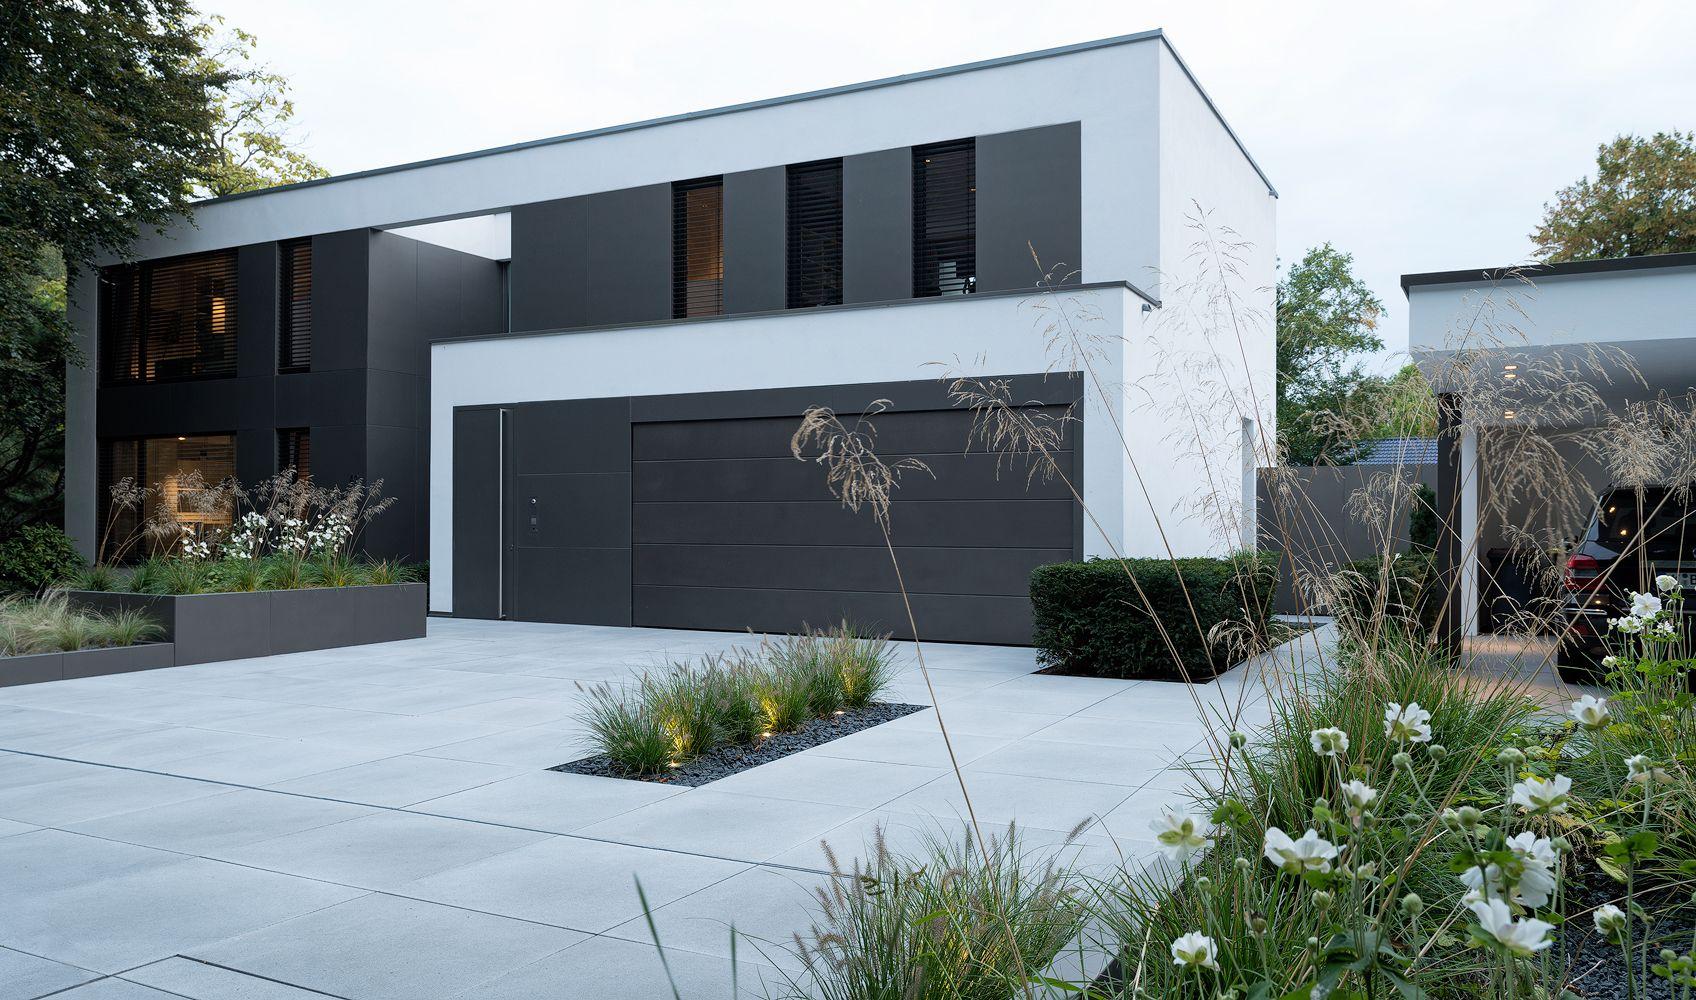 moderne architektur im tageslicht pulverbeschichtete hochbeete in gleicher farbe wie fenster. Black Bedroom Furniture Sets. Home Design Ideas